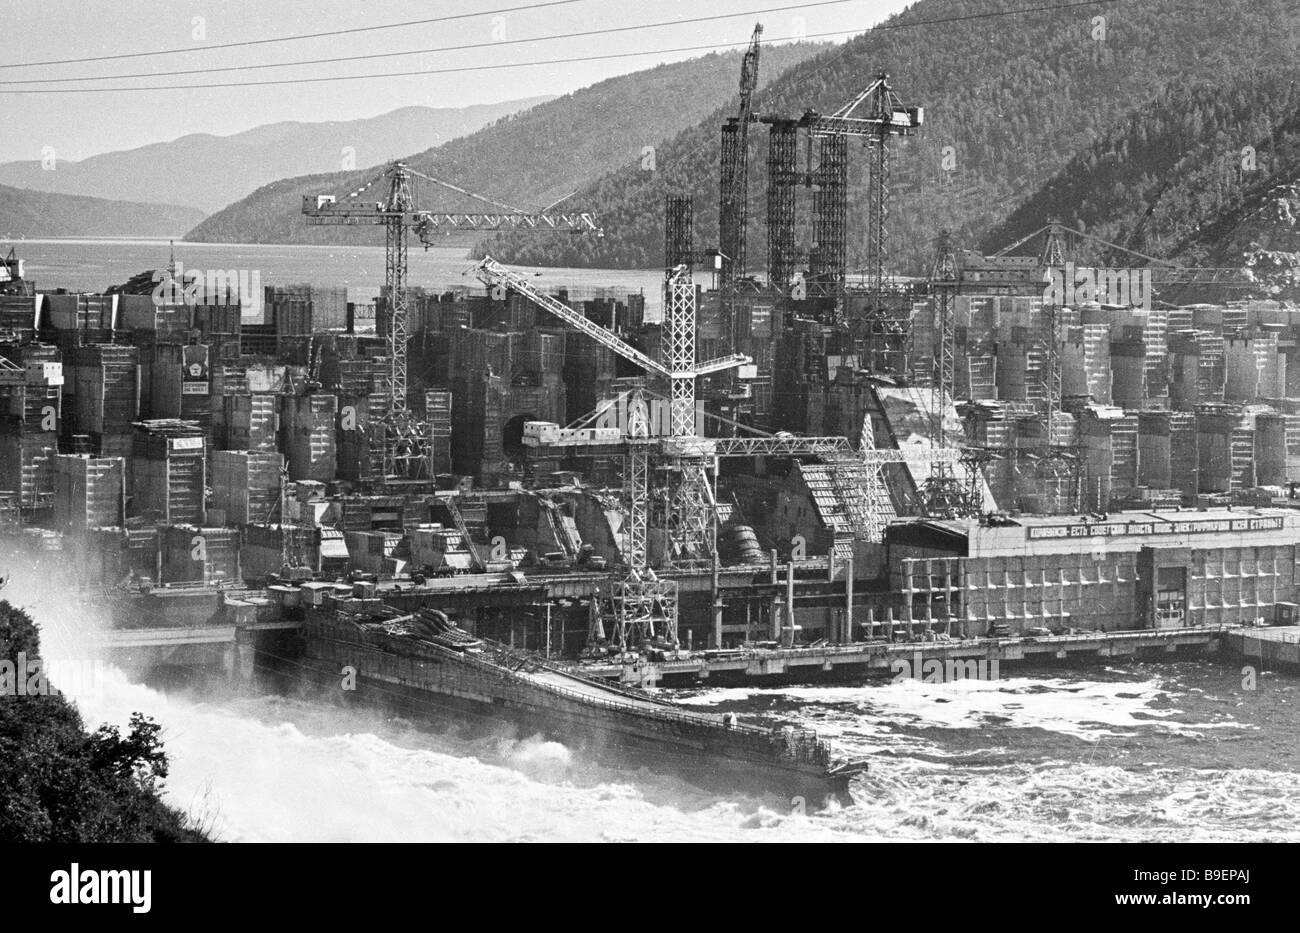 Zeya central hidroeléctrica presa construida en las condiciones de permafrost Foto de stock